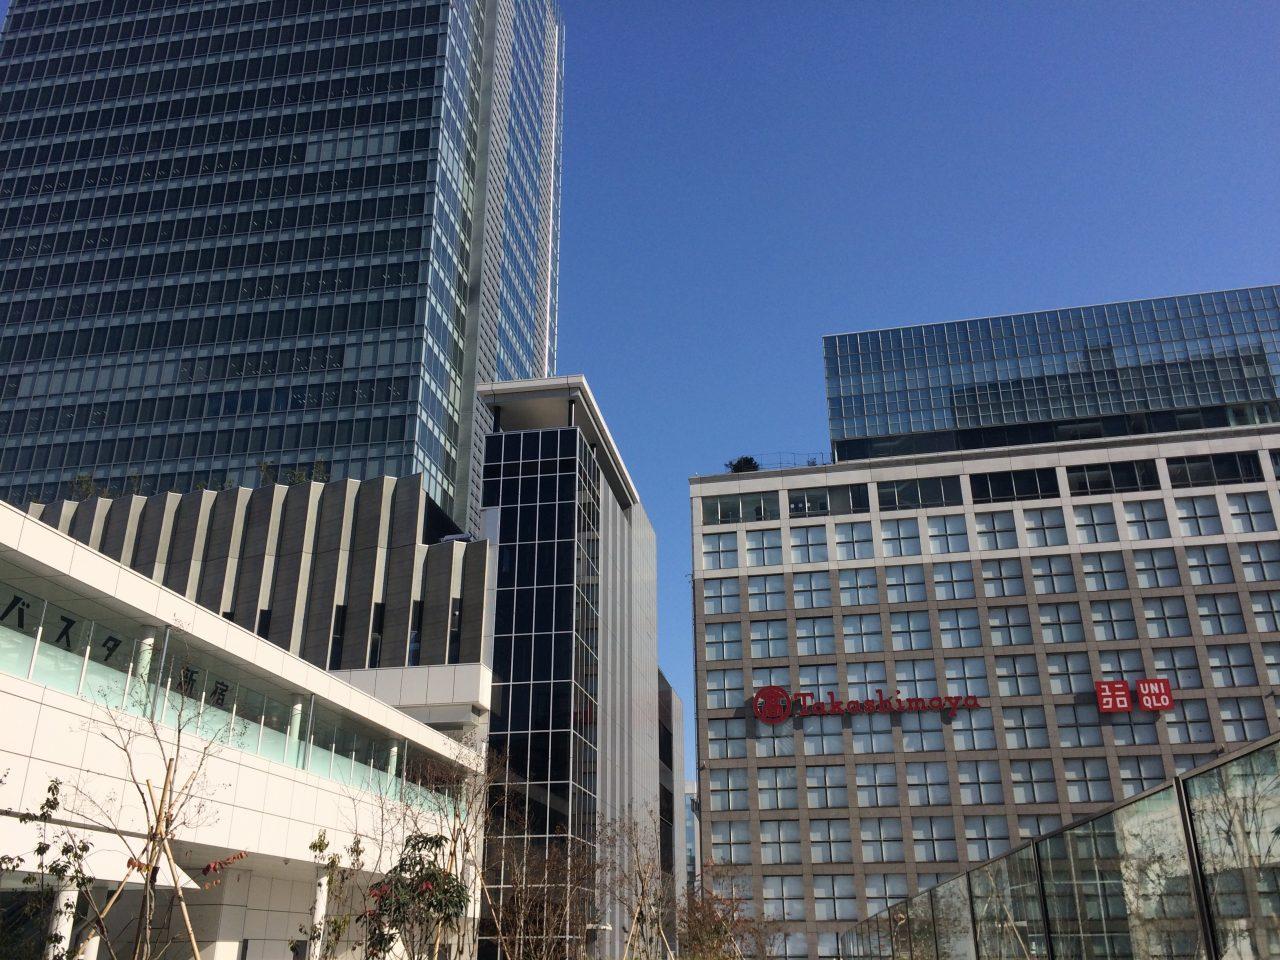 新宿ミライナタワーとタカシマヤタイムズスクエア(高島屋)の写真